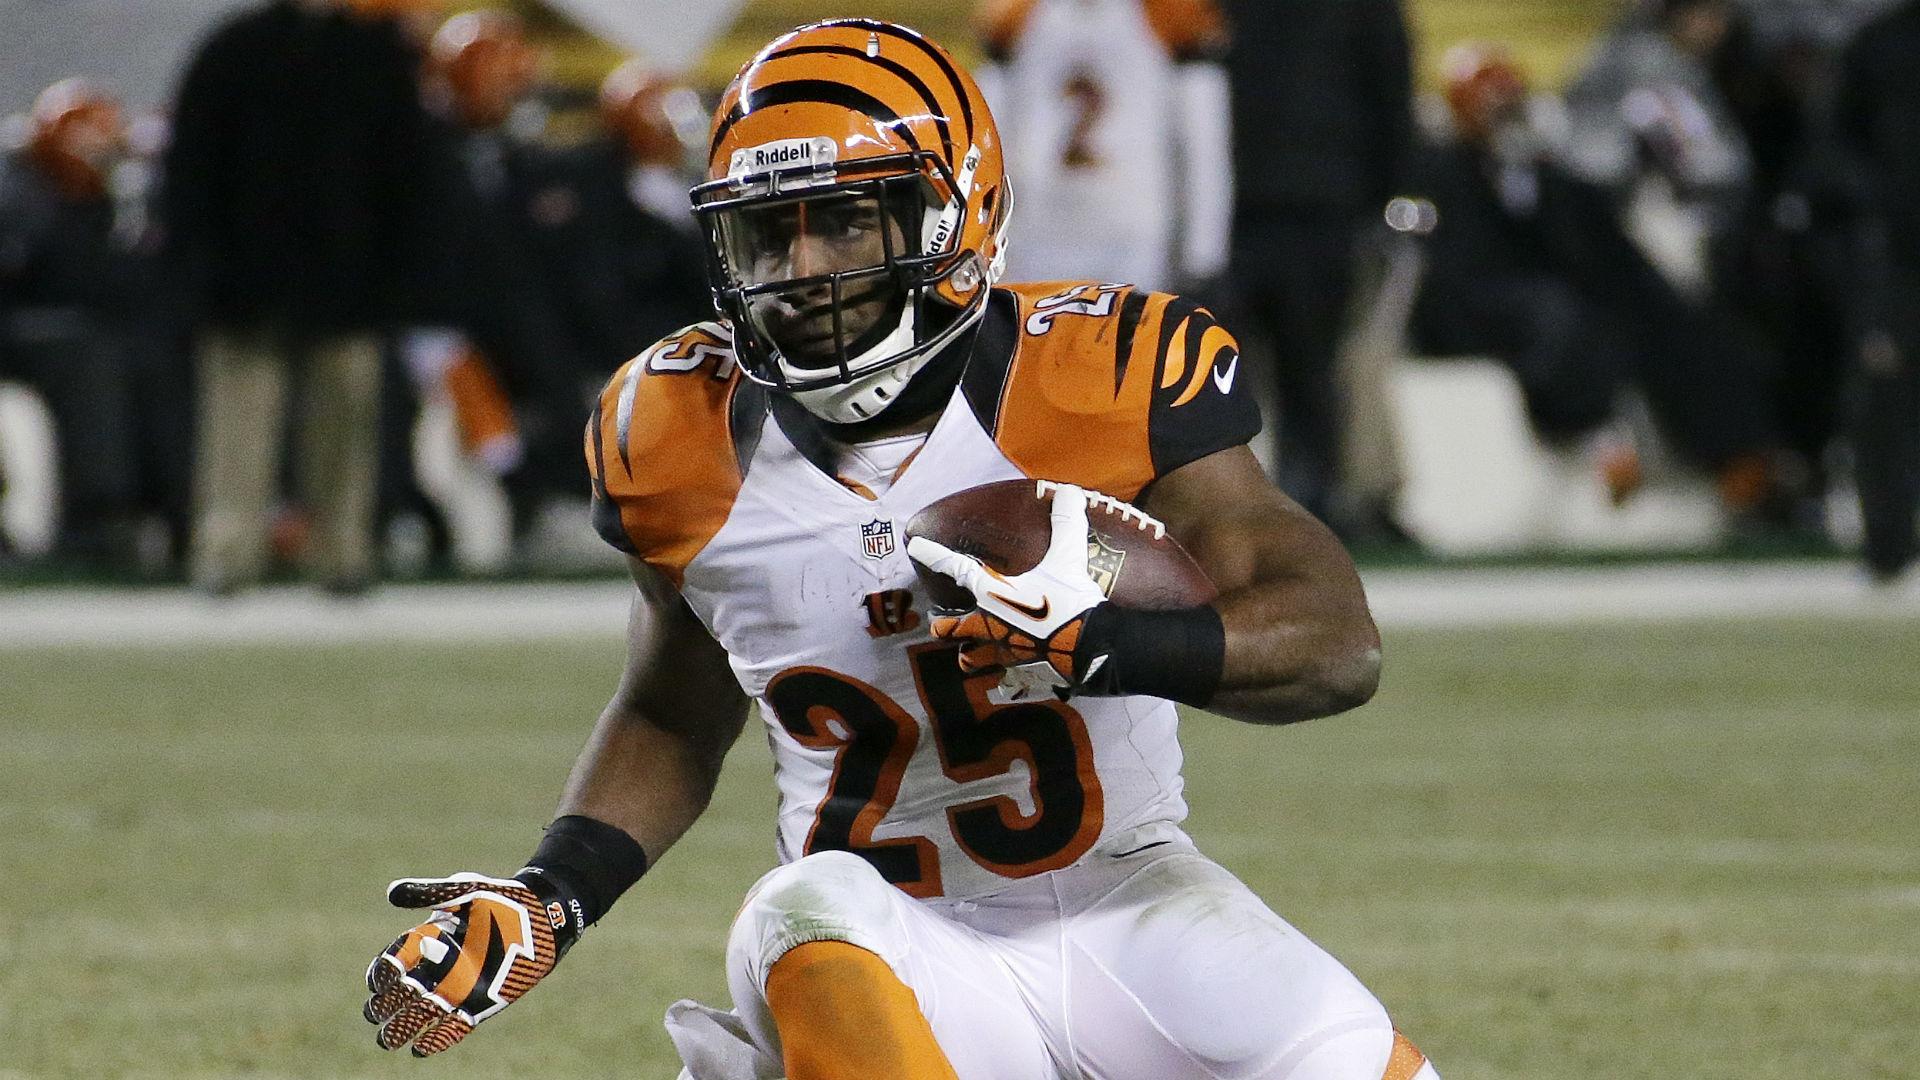 NFL Fantasy Stock Watch: Harvin, Bernard fluctuate in Week 8